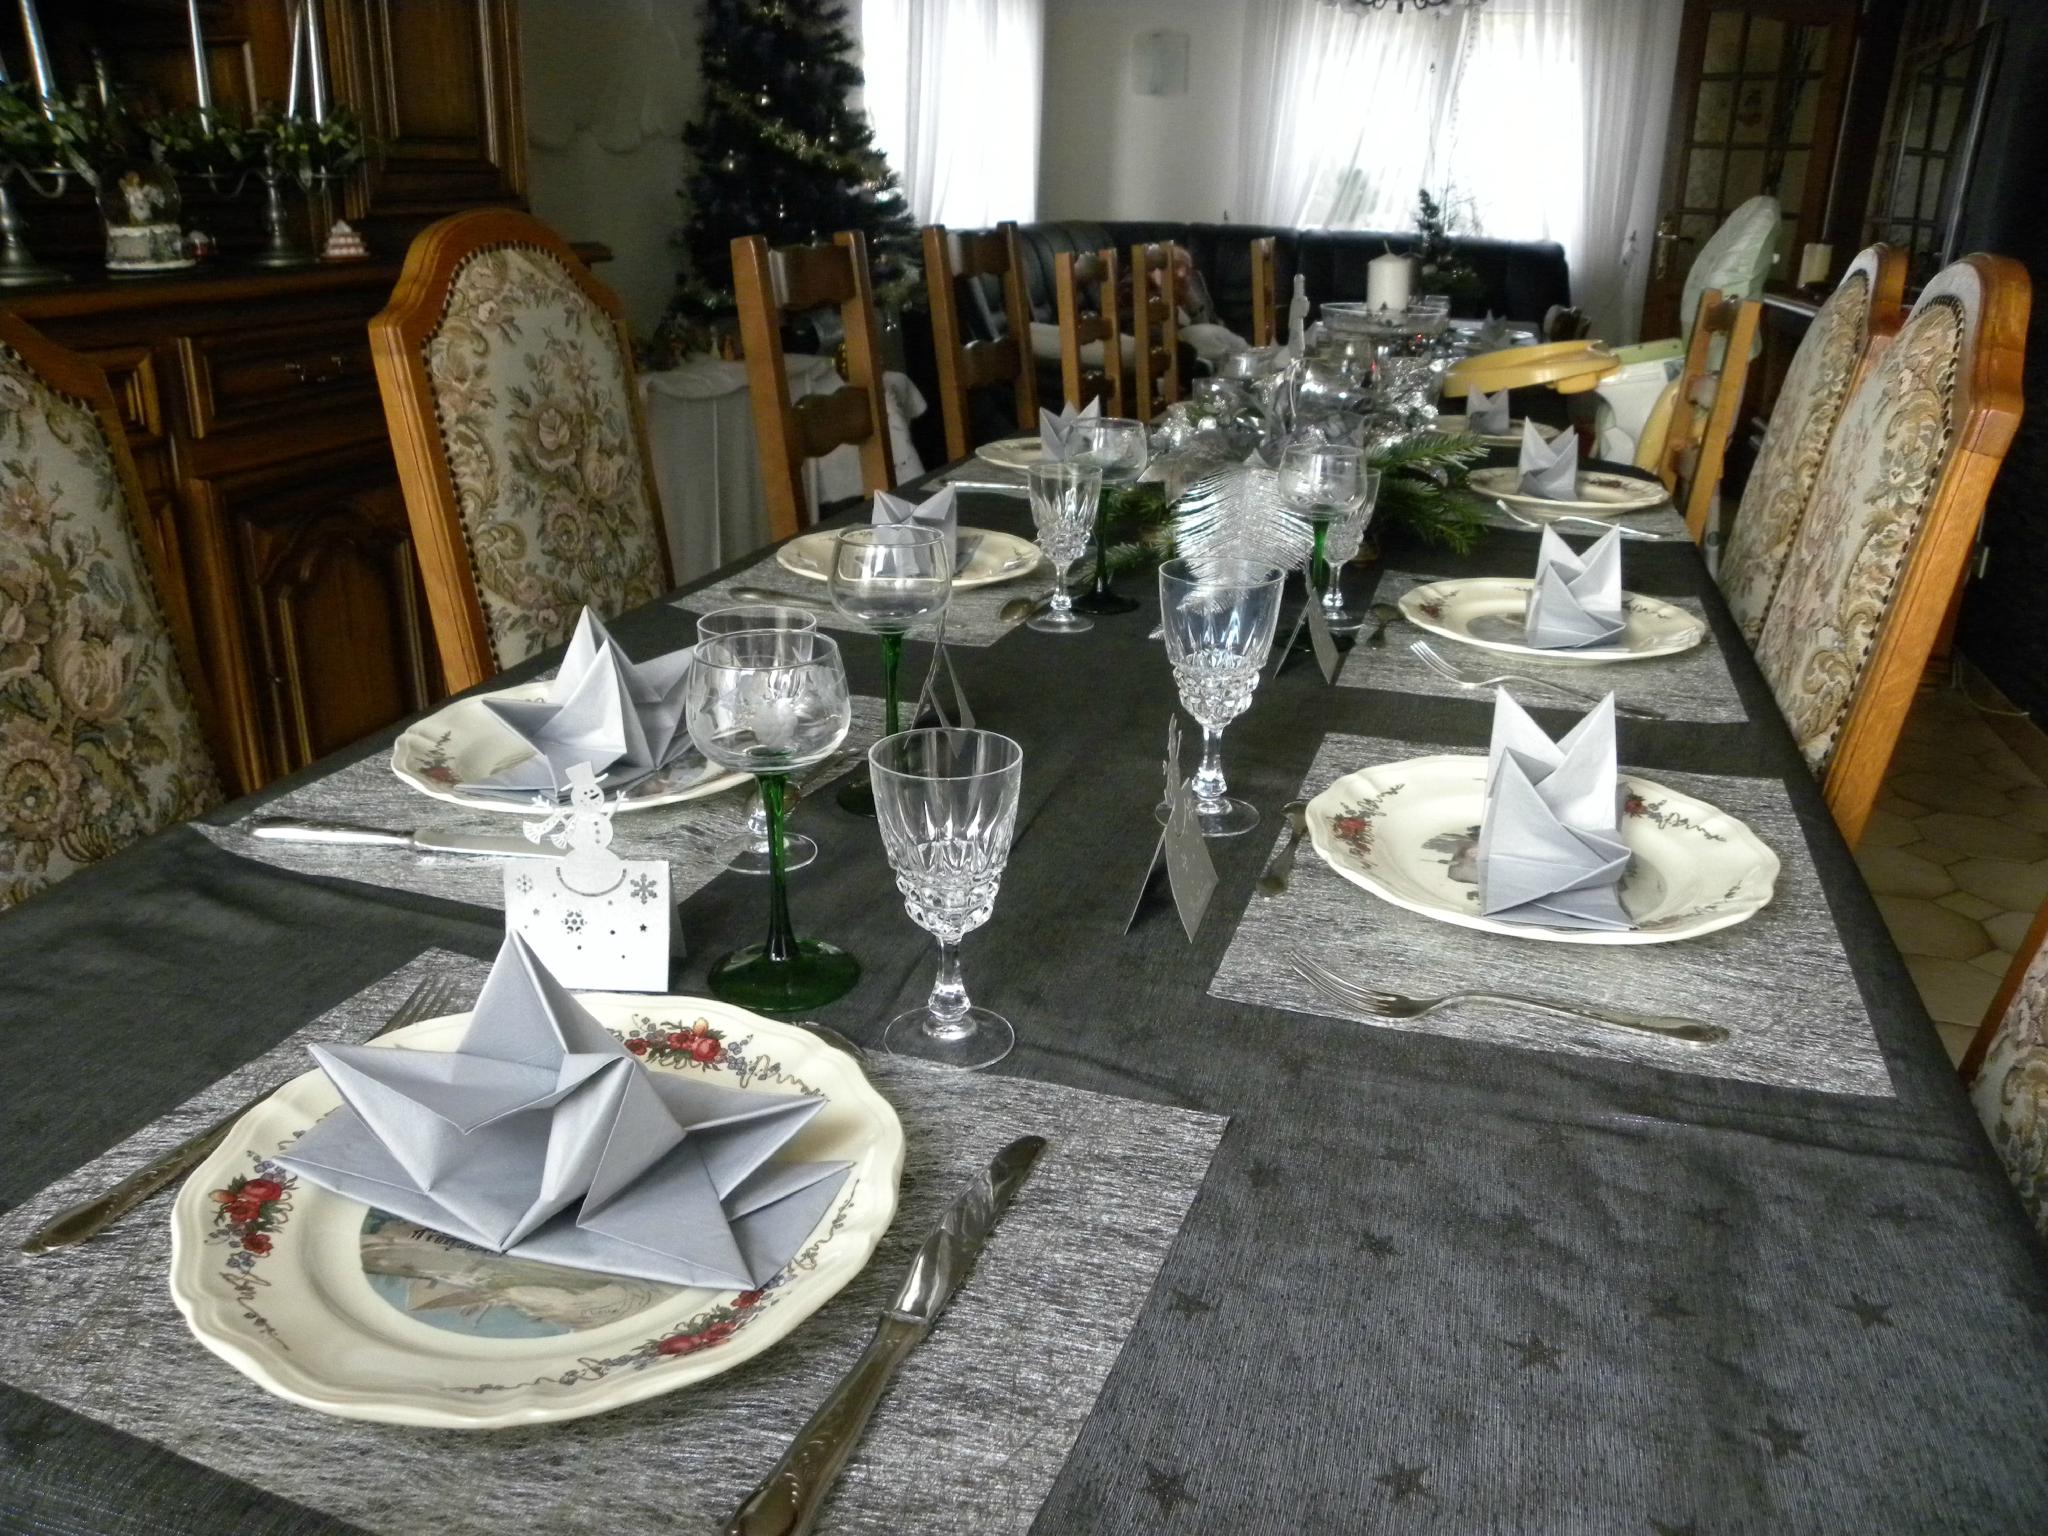 Décoration table noel blanc argent